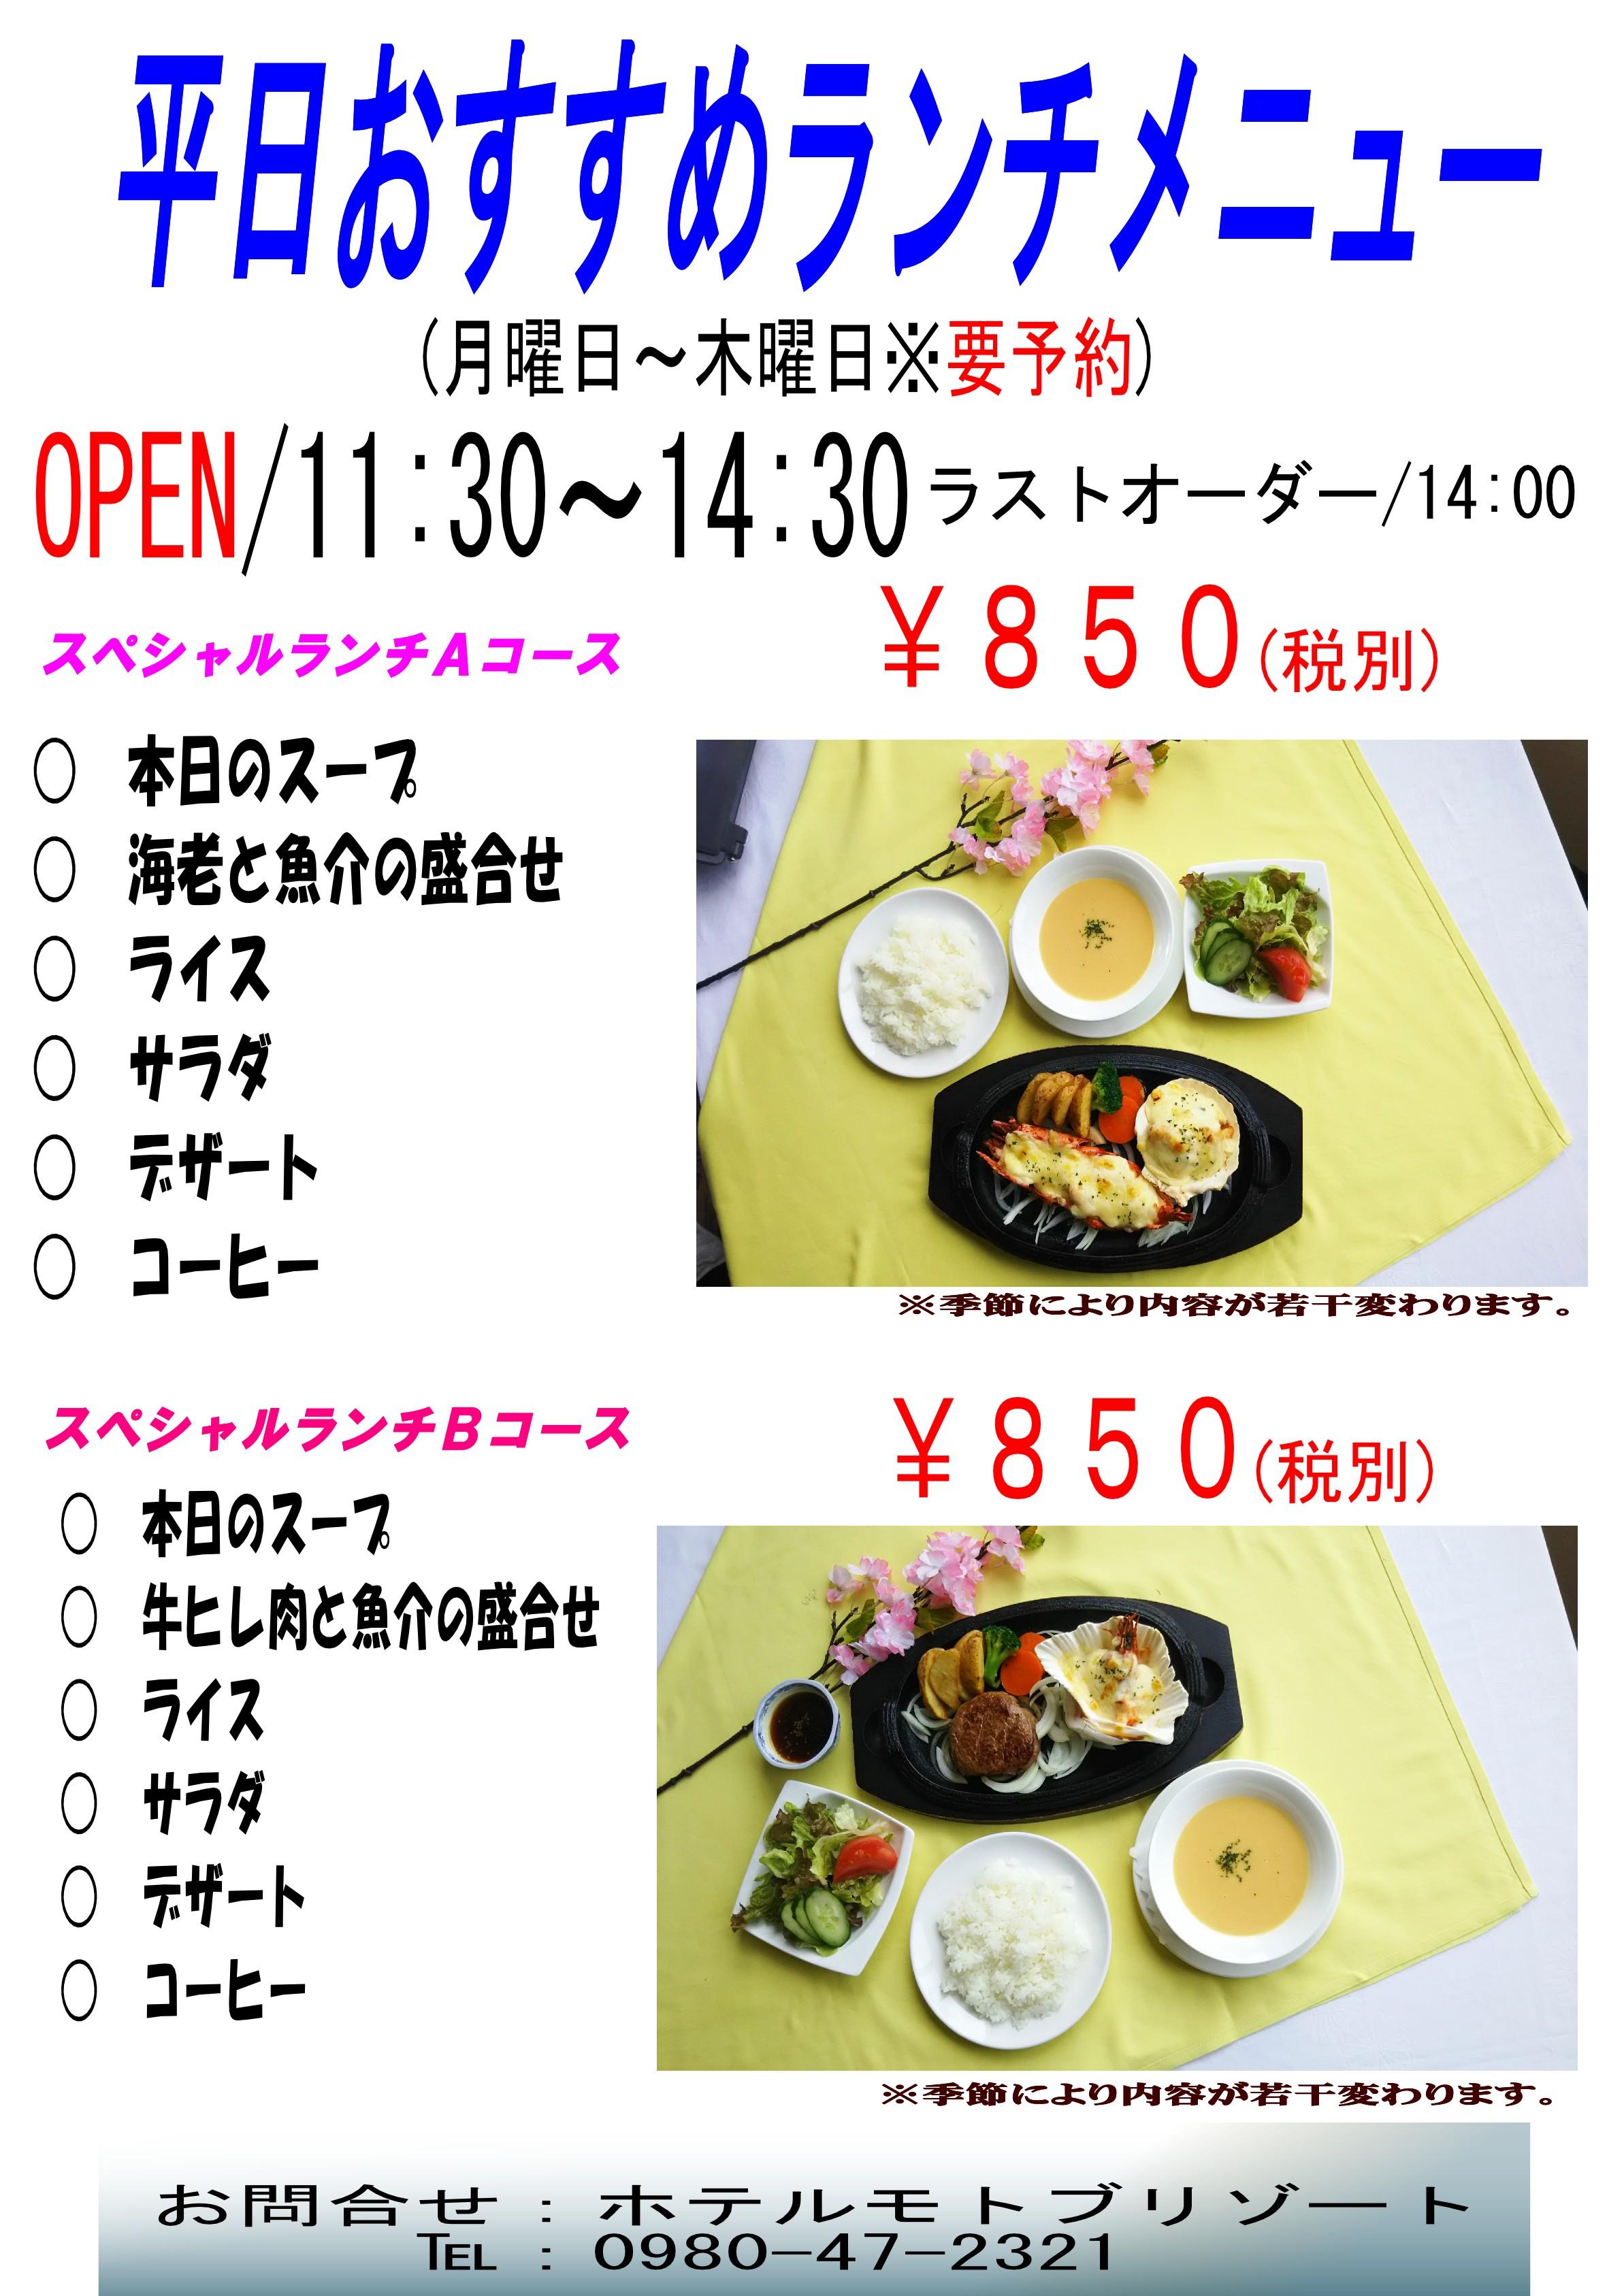 h29-ranti-menu.jpg